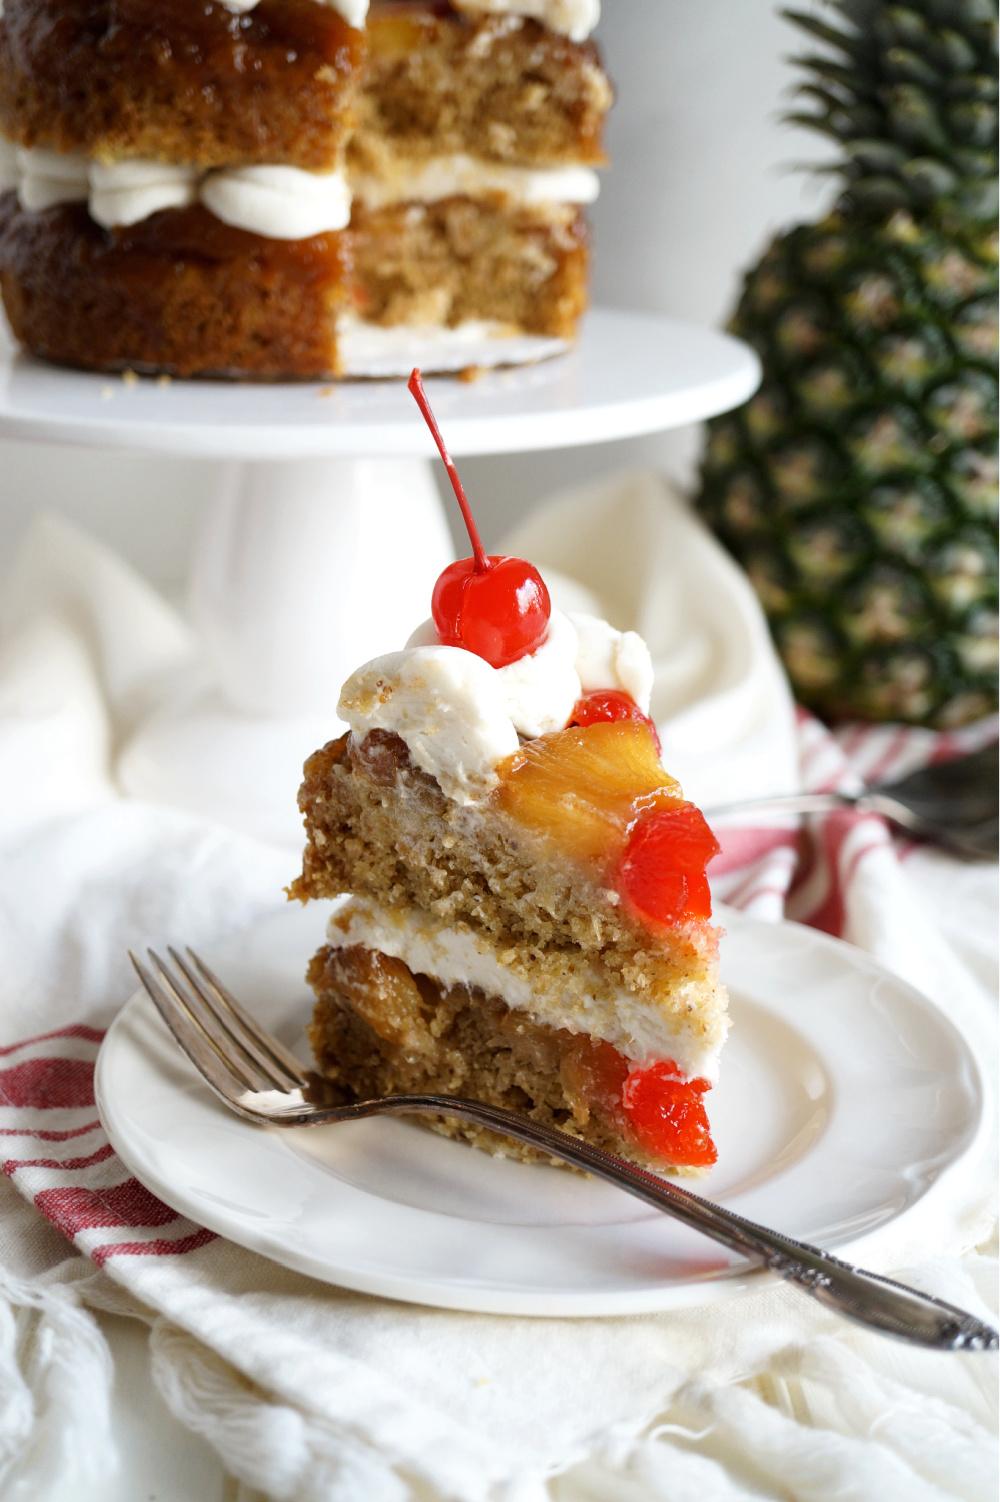 slice of pineapple cake on plate